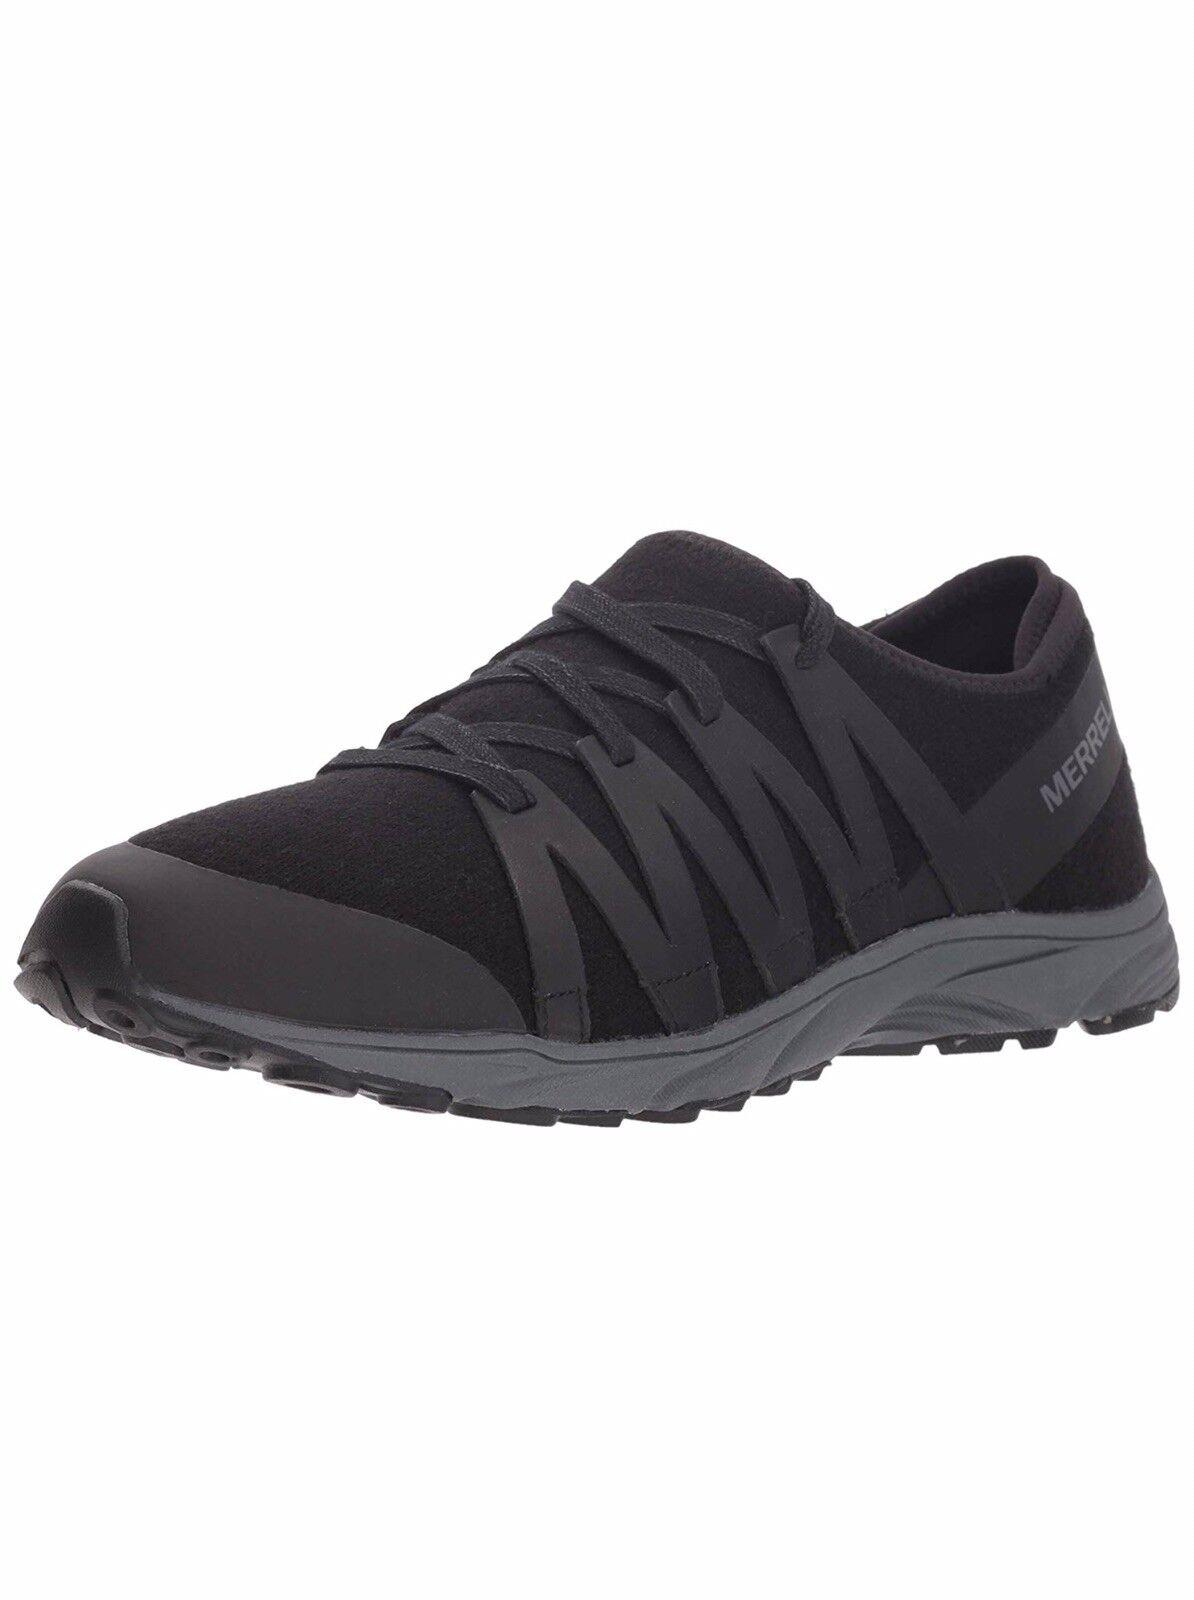 b8573666c5a MERRELL Women's Riveter Wool Sneaker, Black US US US Size 10.5 ...